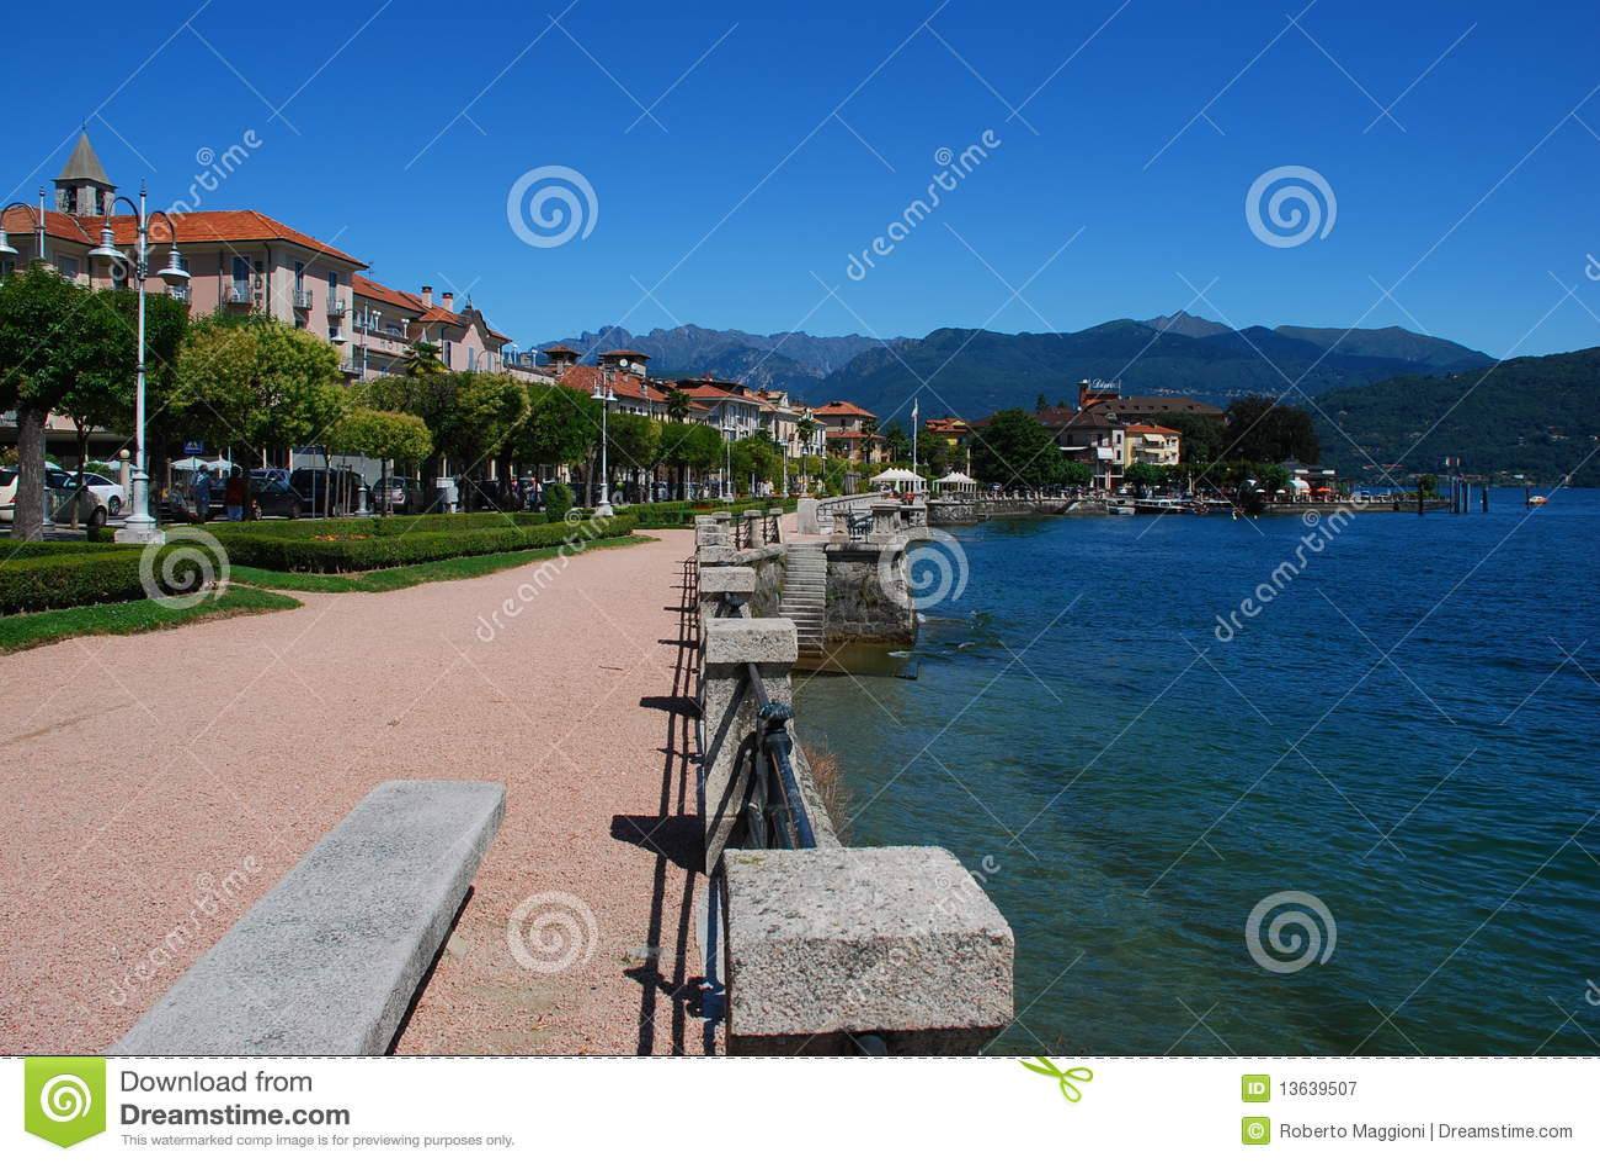 Baveno, Lago Maggiore, Italia